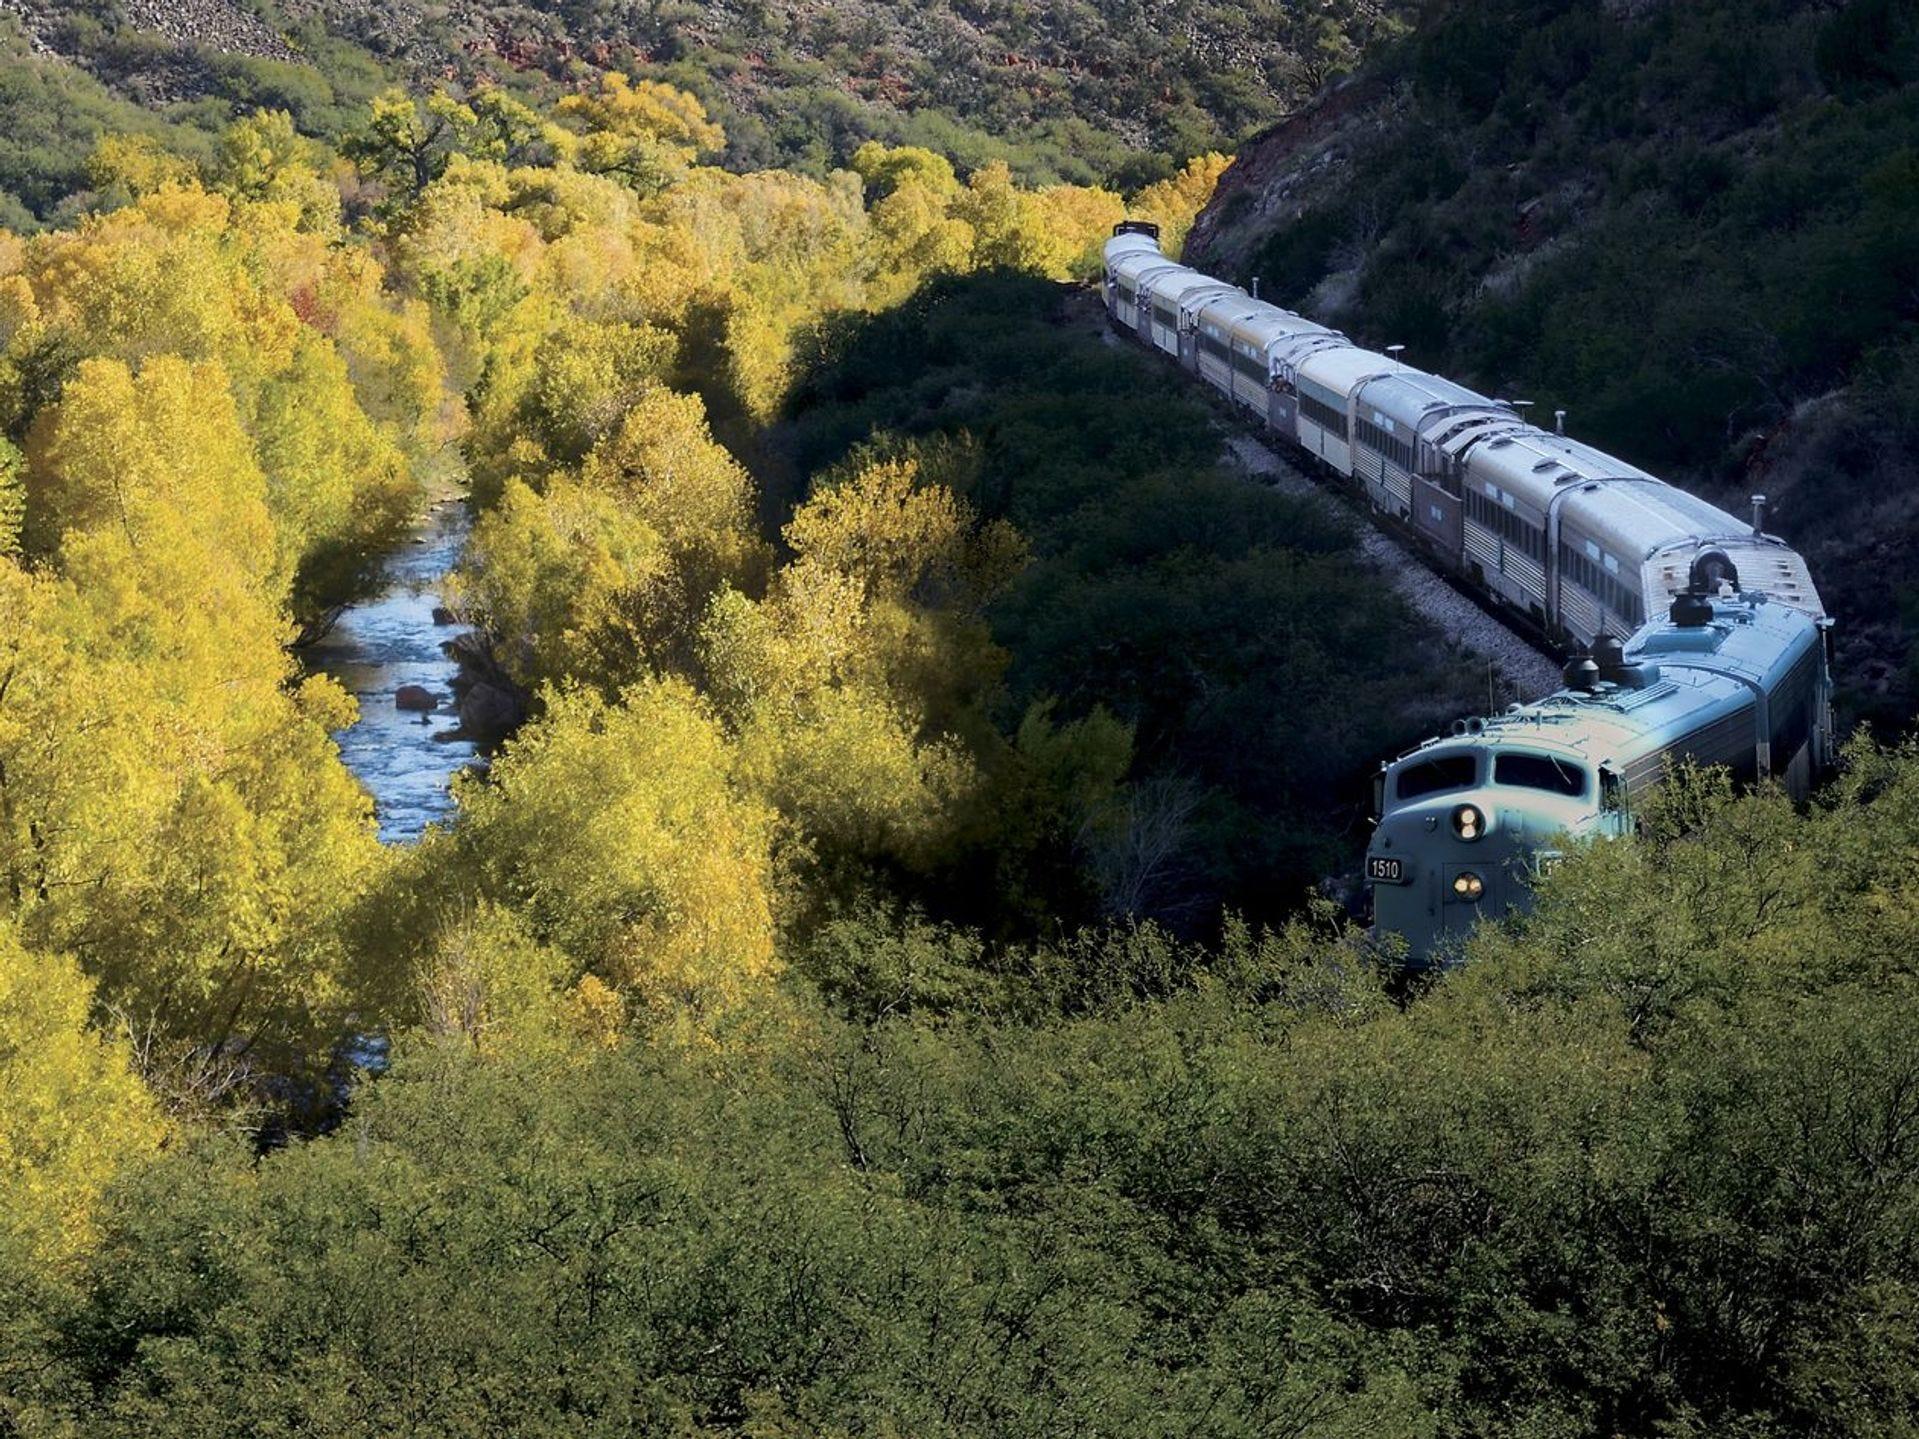 Puede ver los colores en las hojas de los árboles en otoño mientras viaja en el Verde Canyon Railroad.